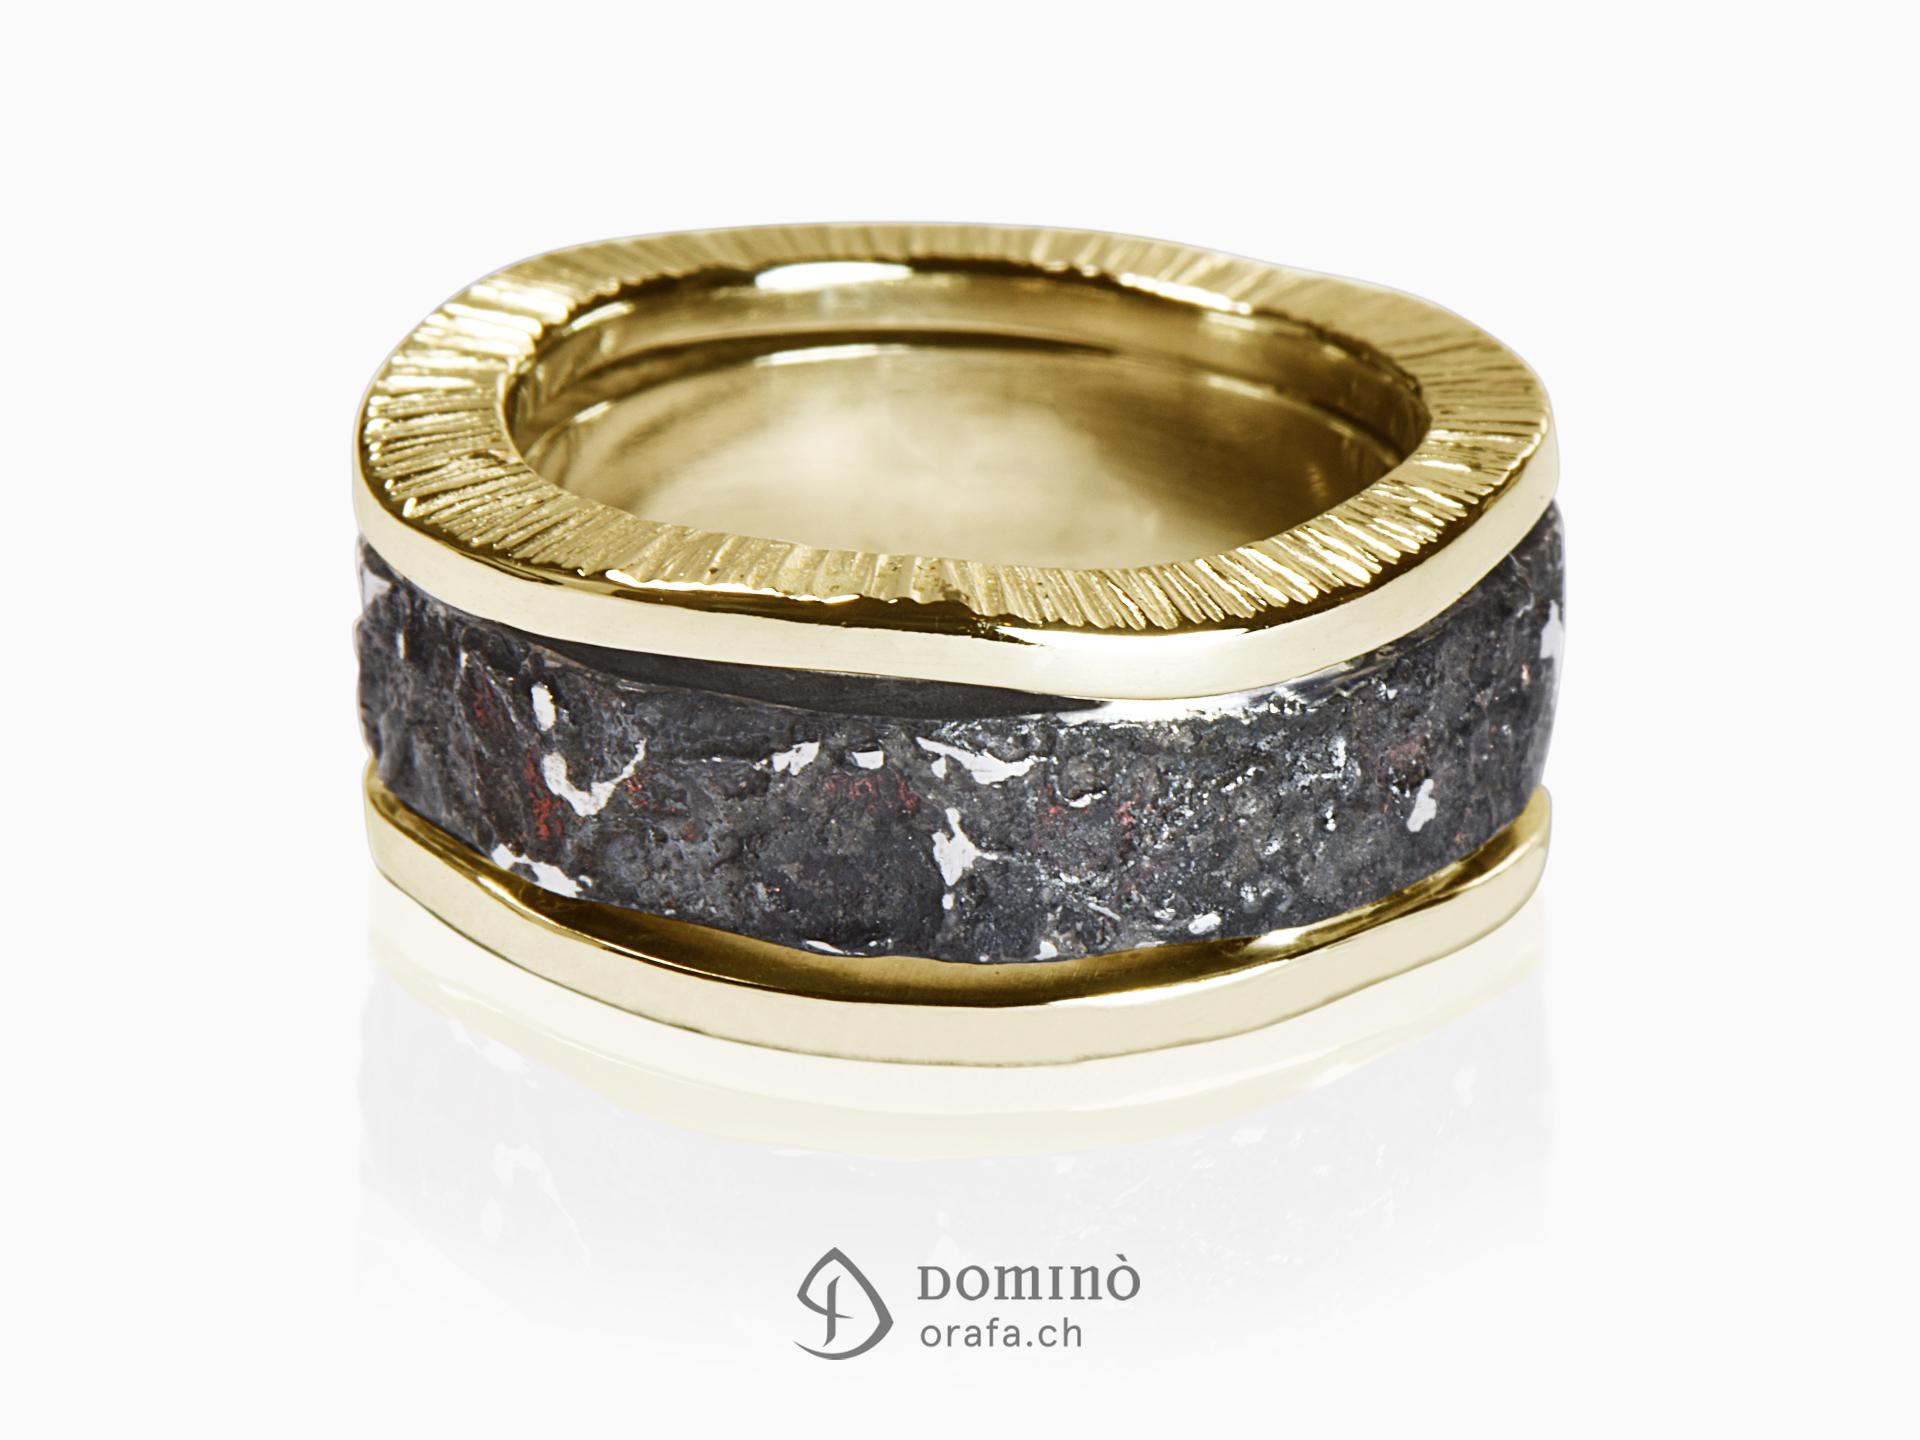 anello-oceano-ferro-metallo-prezioso-bordi-irregolari-2